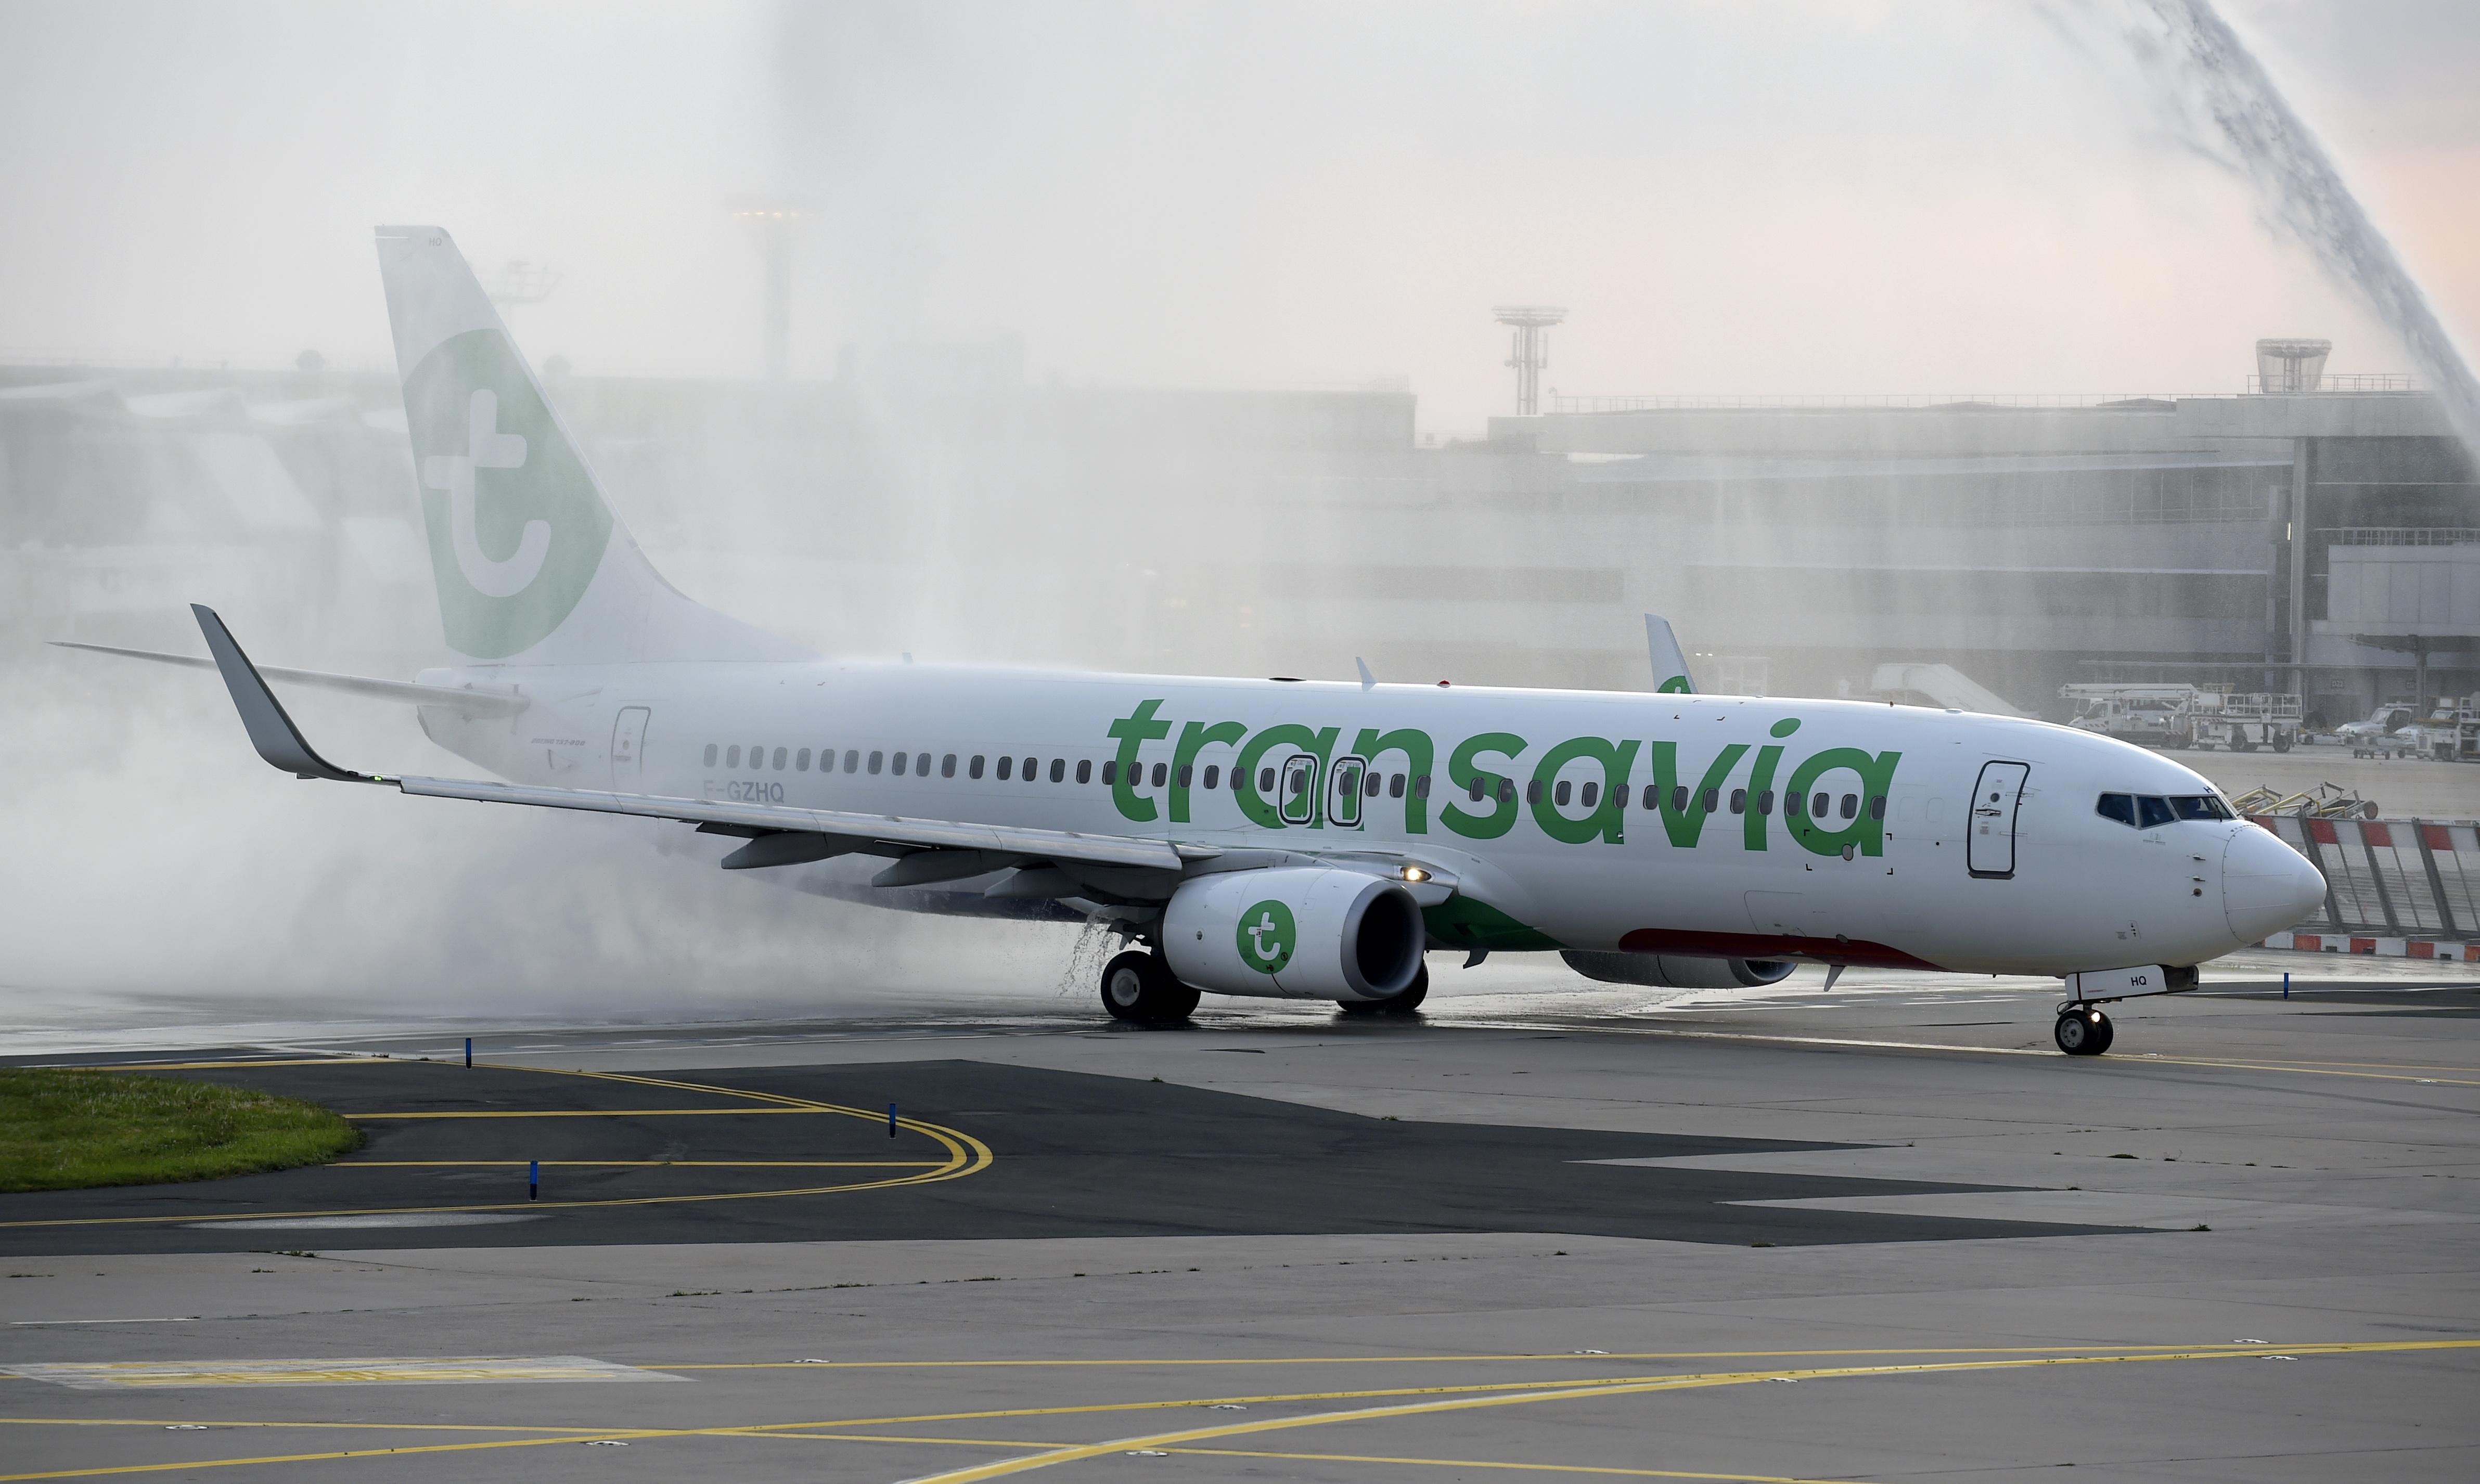 Een foto van een vliegtuig van Transavia